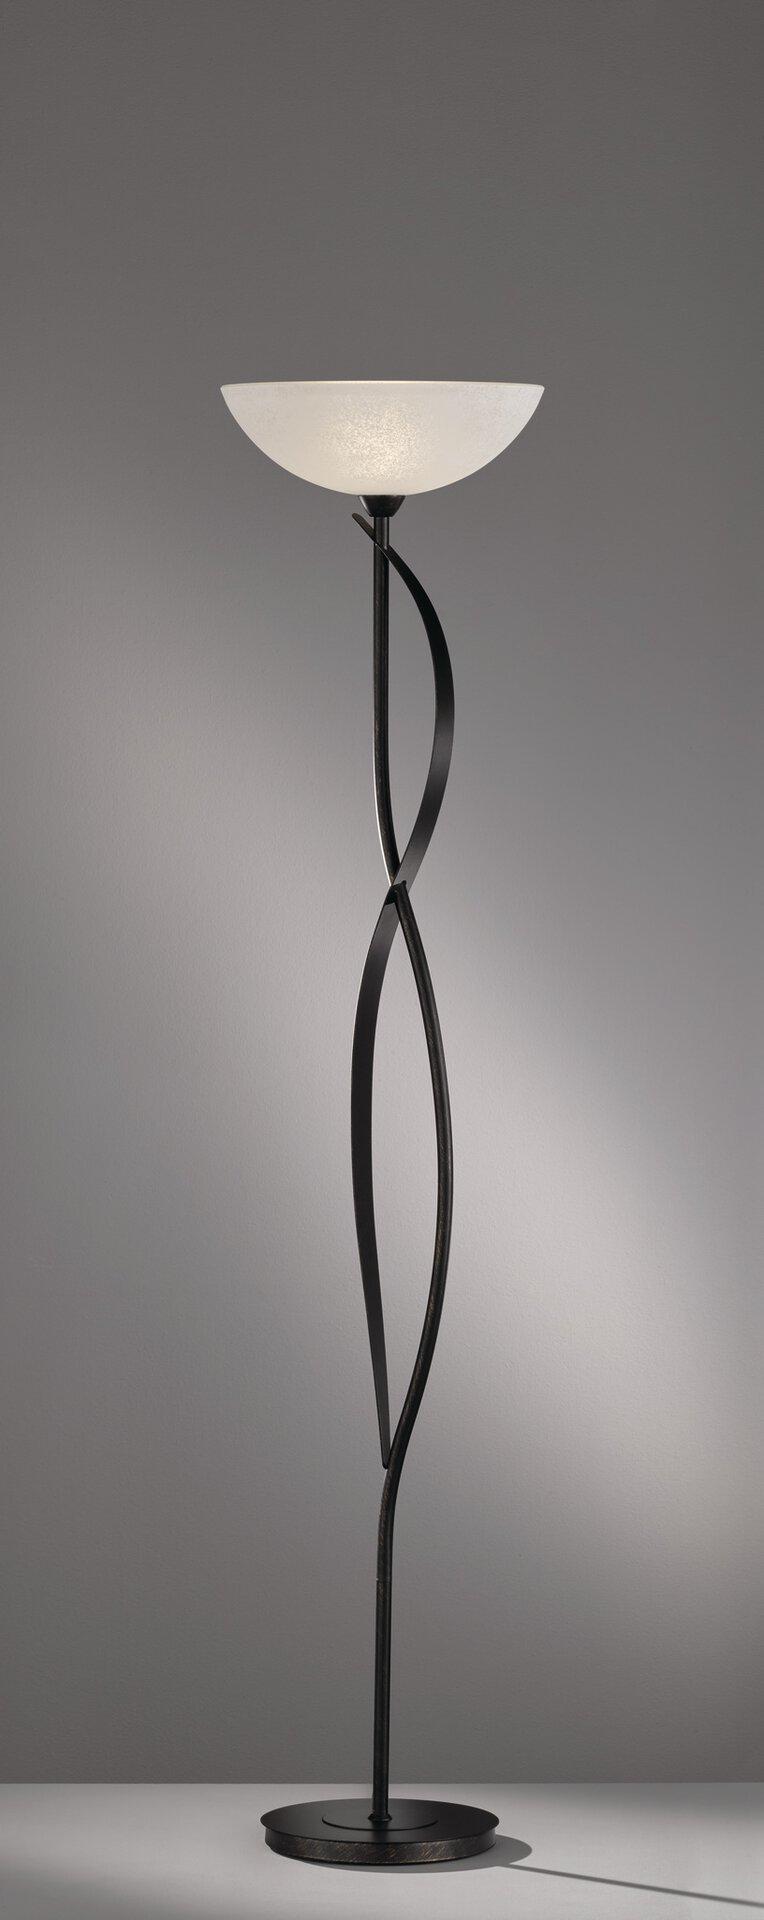 Stehleuchte Pueblo Fischer-Honsel Metall gold 39 x 178 x 39 cm